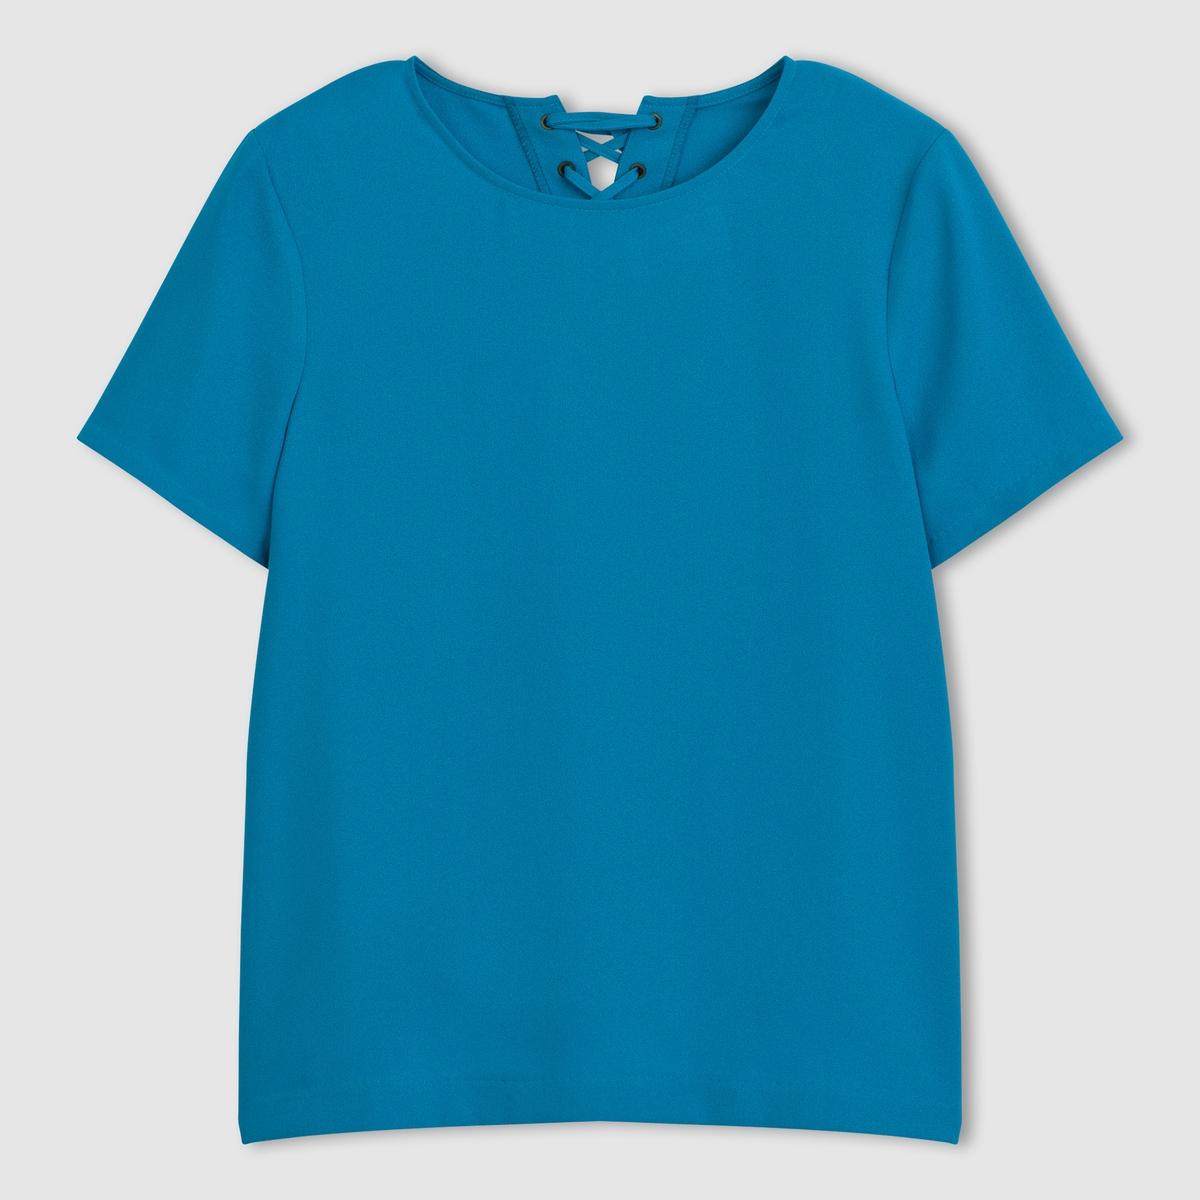 Блузка со шнуровкой сзади, короткие рукава<br><br>Цвет: темно-розовый,ярко-синий<br>Размер: 36 (FR) - 42 (RUS)